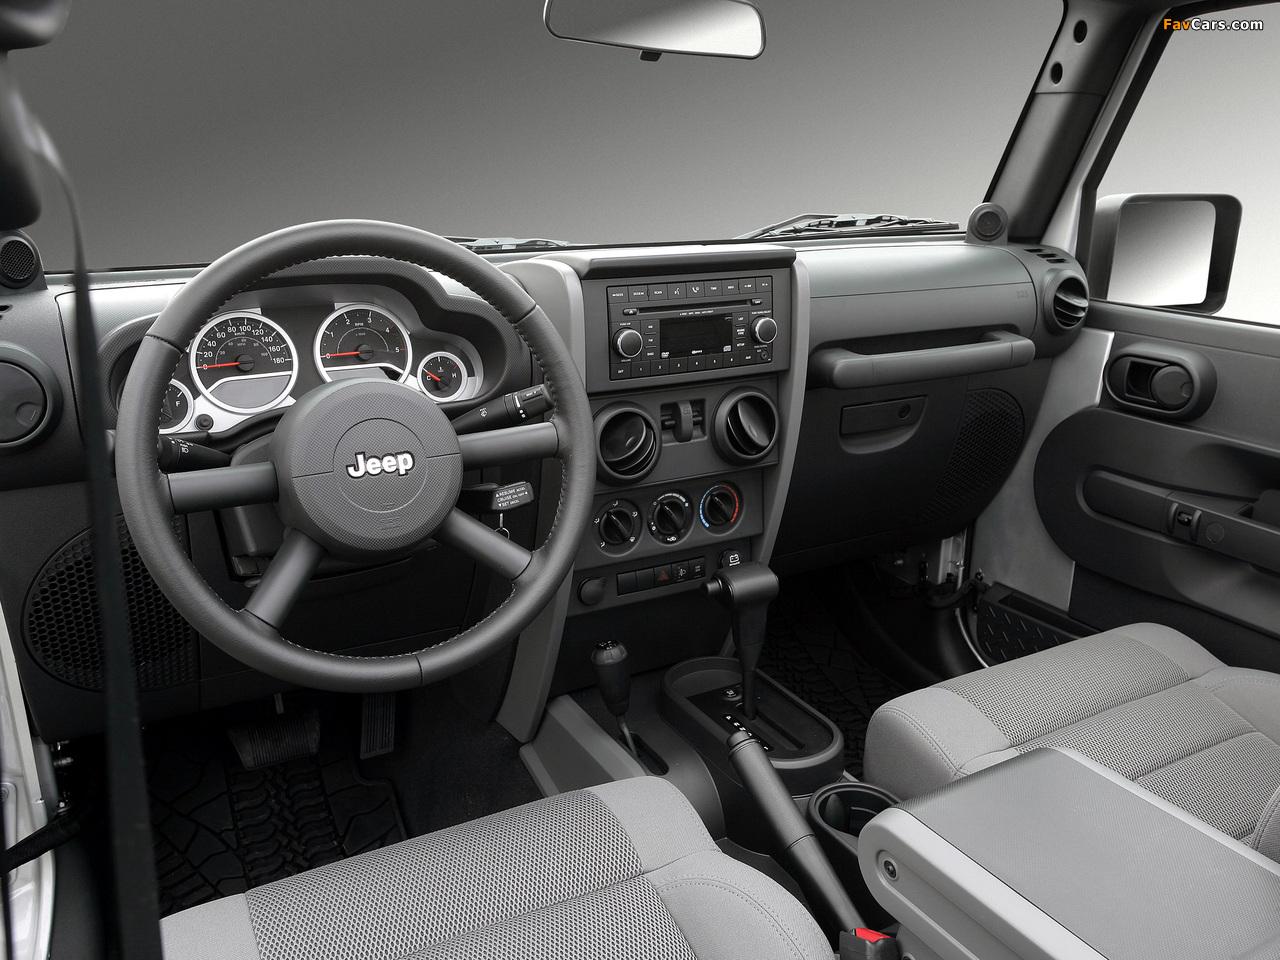 Jeep Wrangler Unlimited Sahara EU-spec (JK) 2007 pictures (1280 x 960)